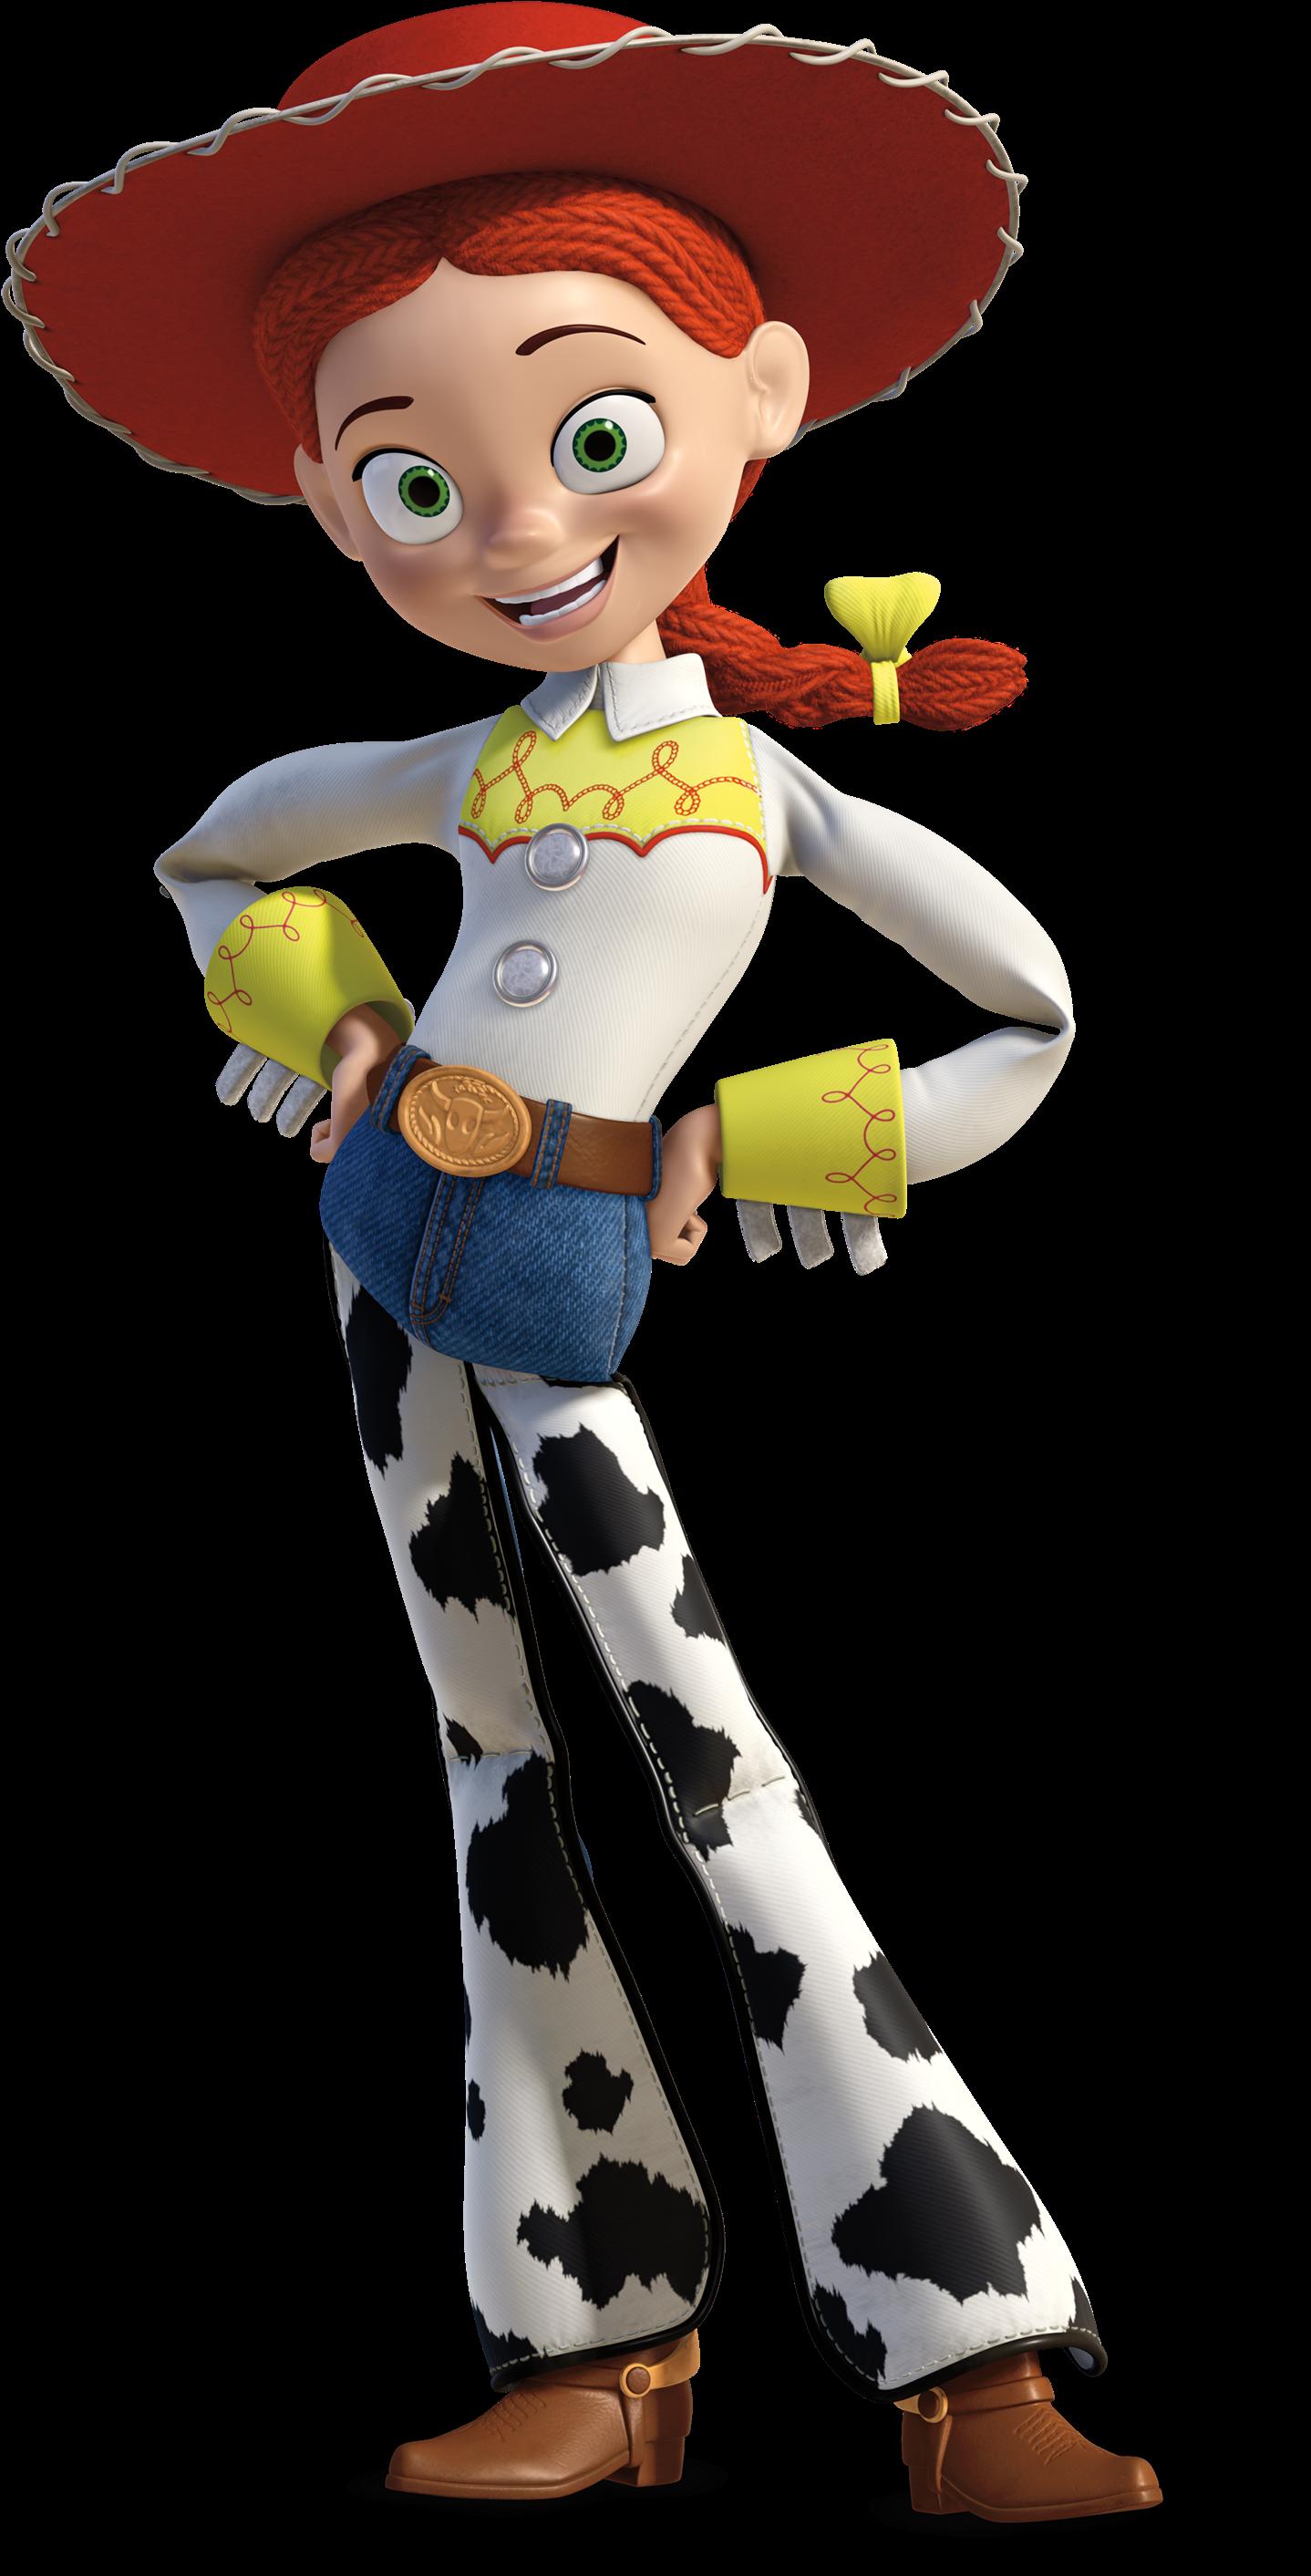 Jessie From Toy Story Clipart - Jessie Toy Story ...